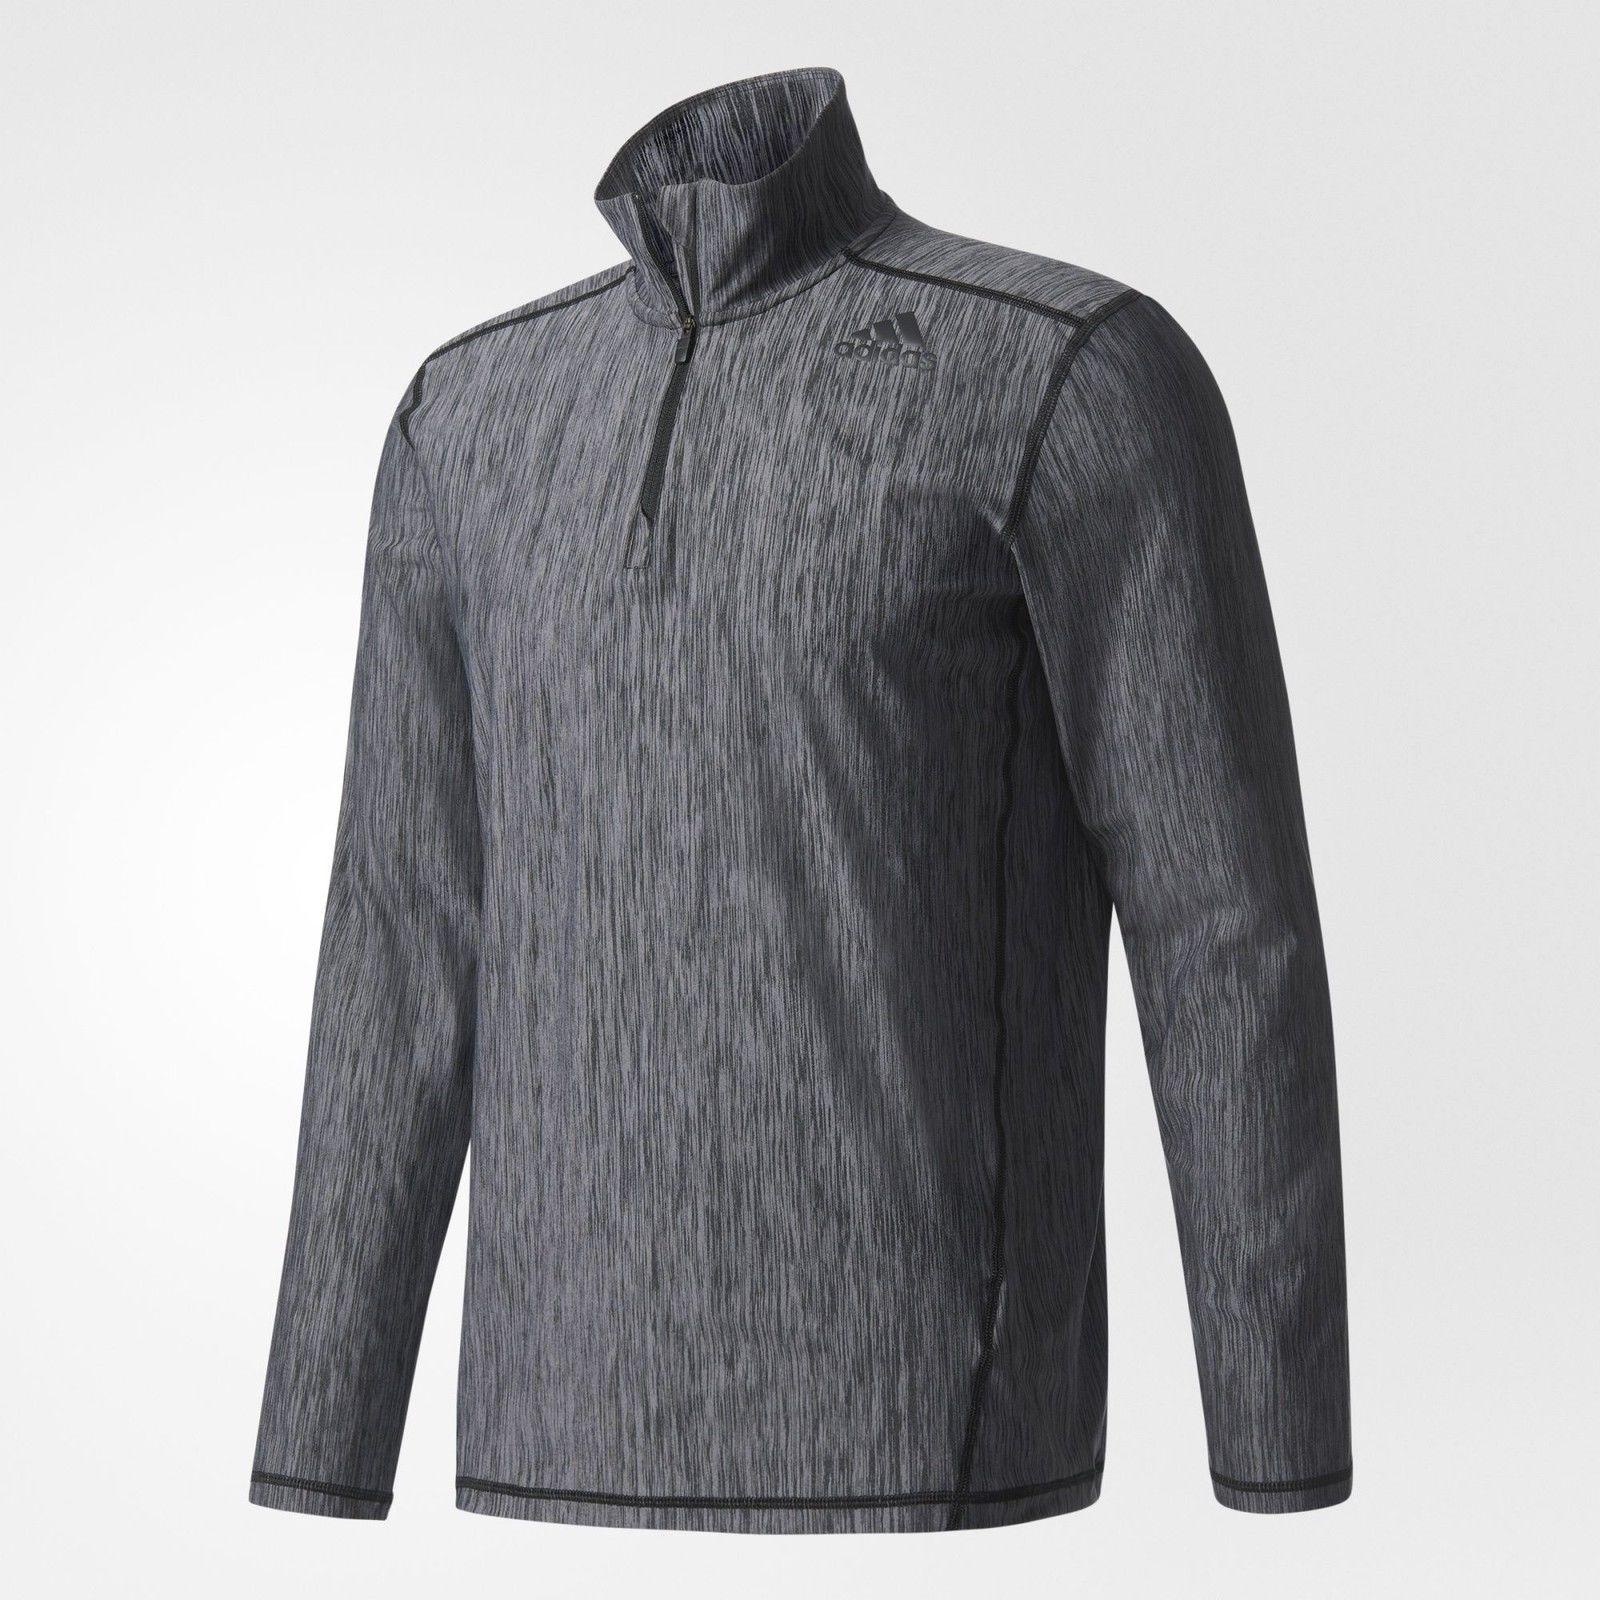 Adidas Men's Vertical Heather 1/4 Zip Track Jacket $24 @ eBay